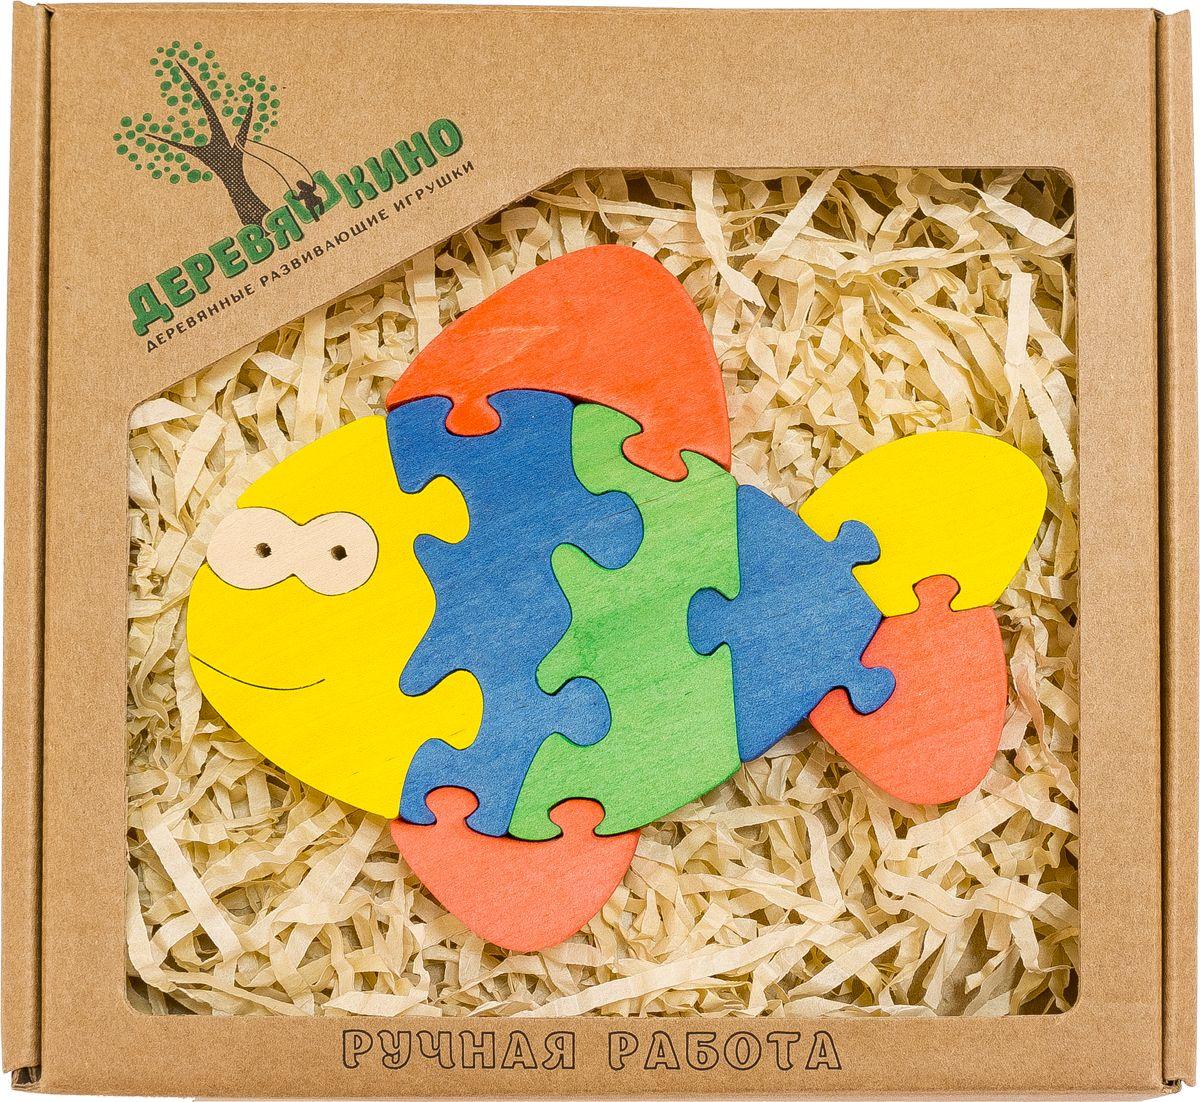 Деревяшкино Пазл для малышей Веселый карасик567Развивающая деревянная головоломка Веселый карасик (средней степени сложности) подходит для мальчиков и девочек в возрасте 3-5лет, состоит из 9 деталей. Экологически чистый продукт: изготовлено вручную из массива березы. Игрушка раскрашена пищевой водостойкой краской, что делает взаимодействие с изделием абсолютно безопасным: никаких лаков, «химии» или добавок. Процесс сборки деревянной головоломки развивает: тактильную сенсорику, внимательность, усидчивость, пространственное мышление, мелкую моторику, а так же учит различать элементы по цвету, форме и размеру. С продукцией компании Деревяшкино, Ваши детки развиваются, играя без риска для здоровья.